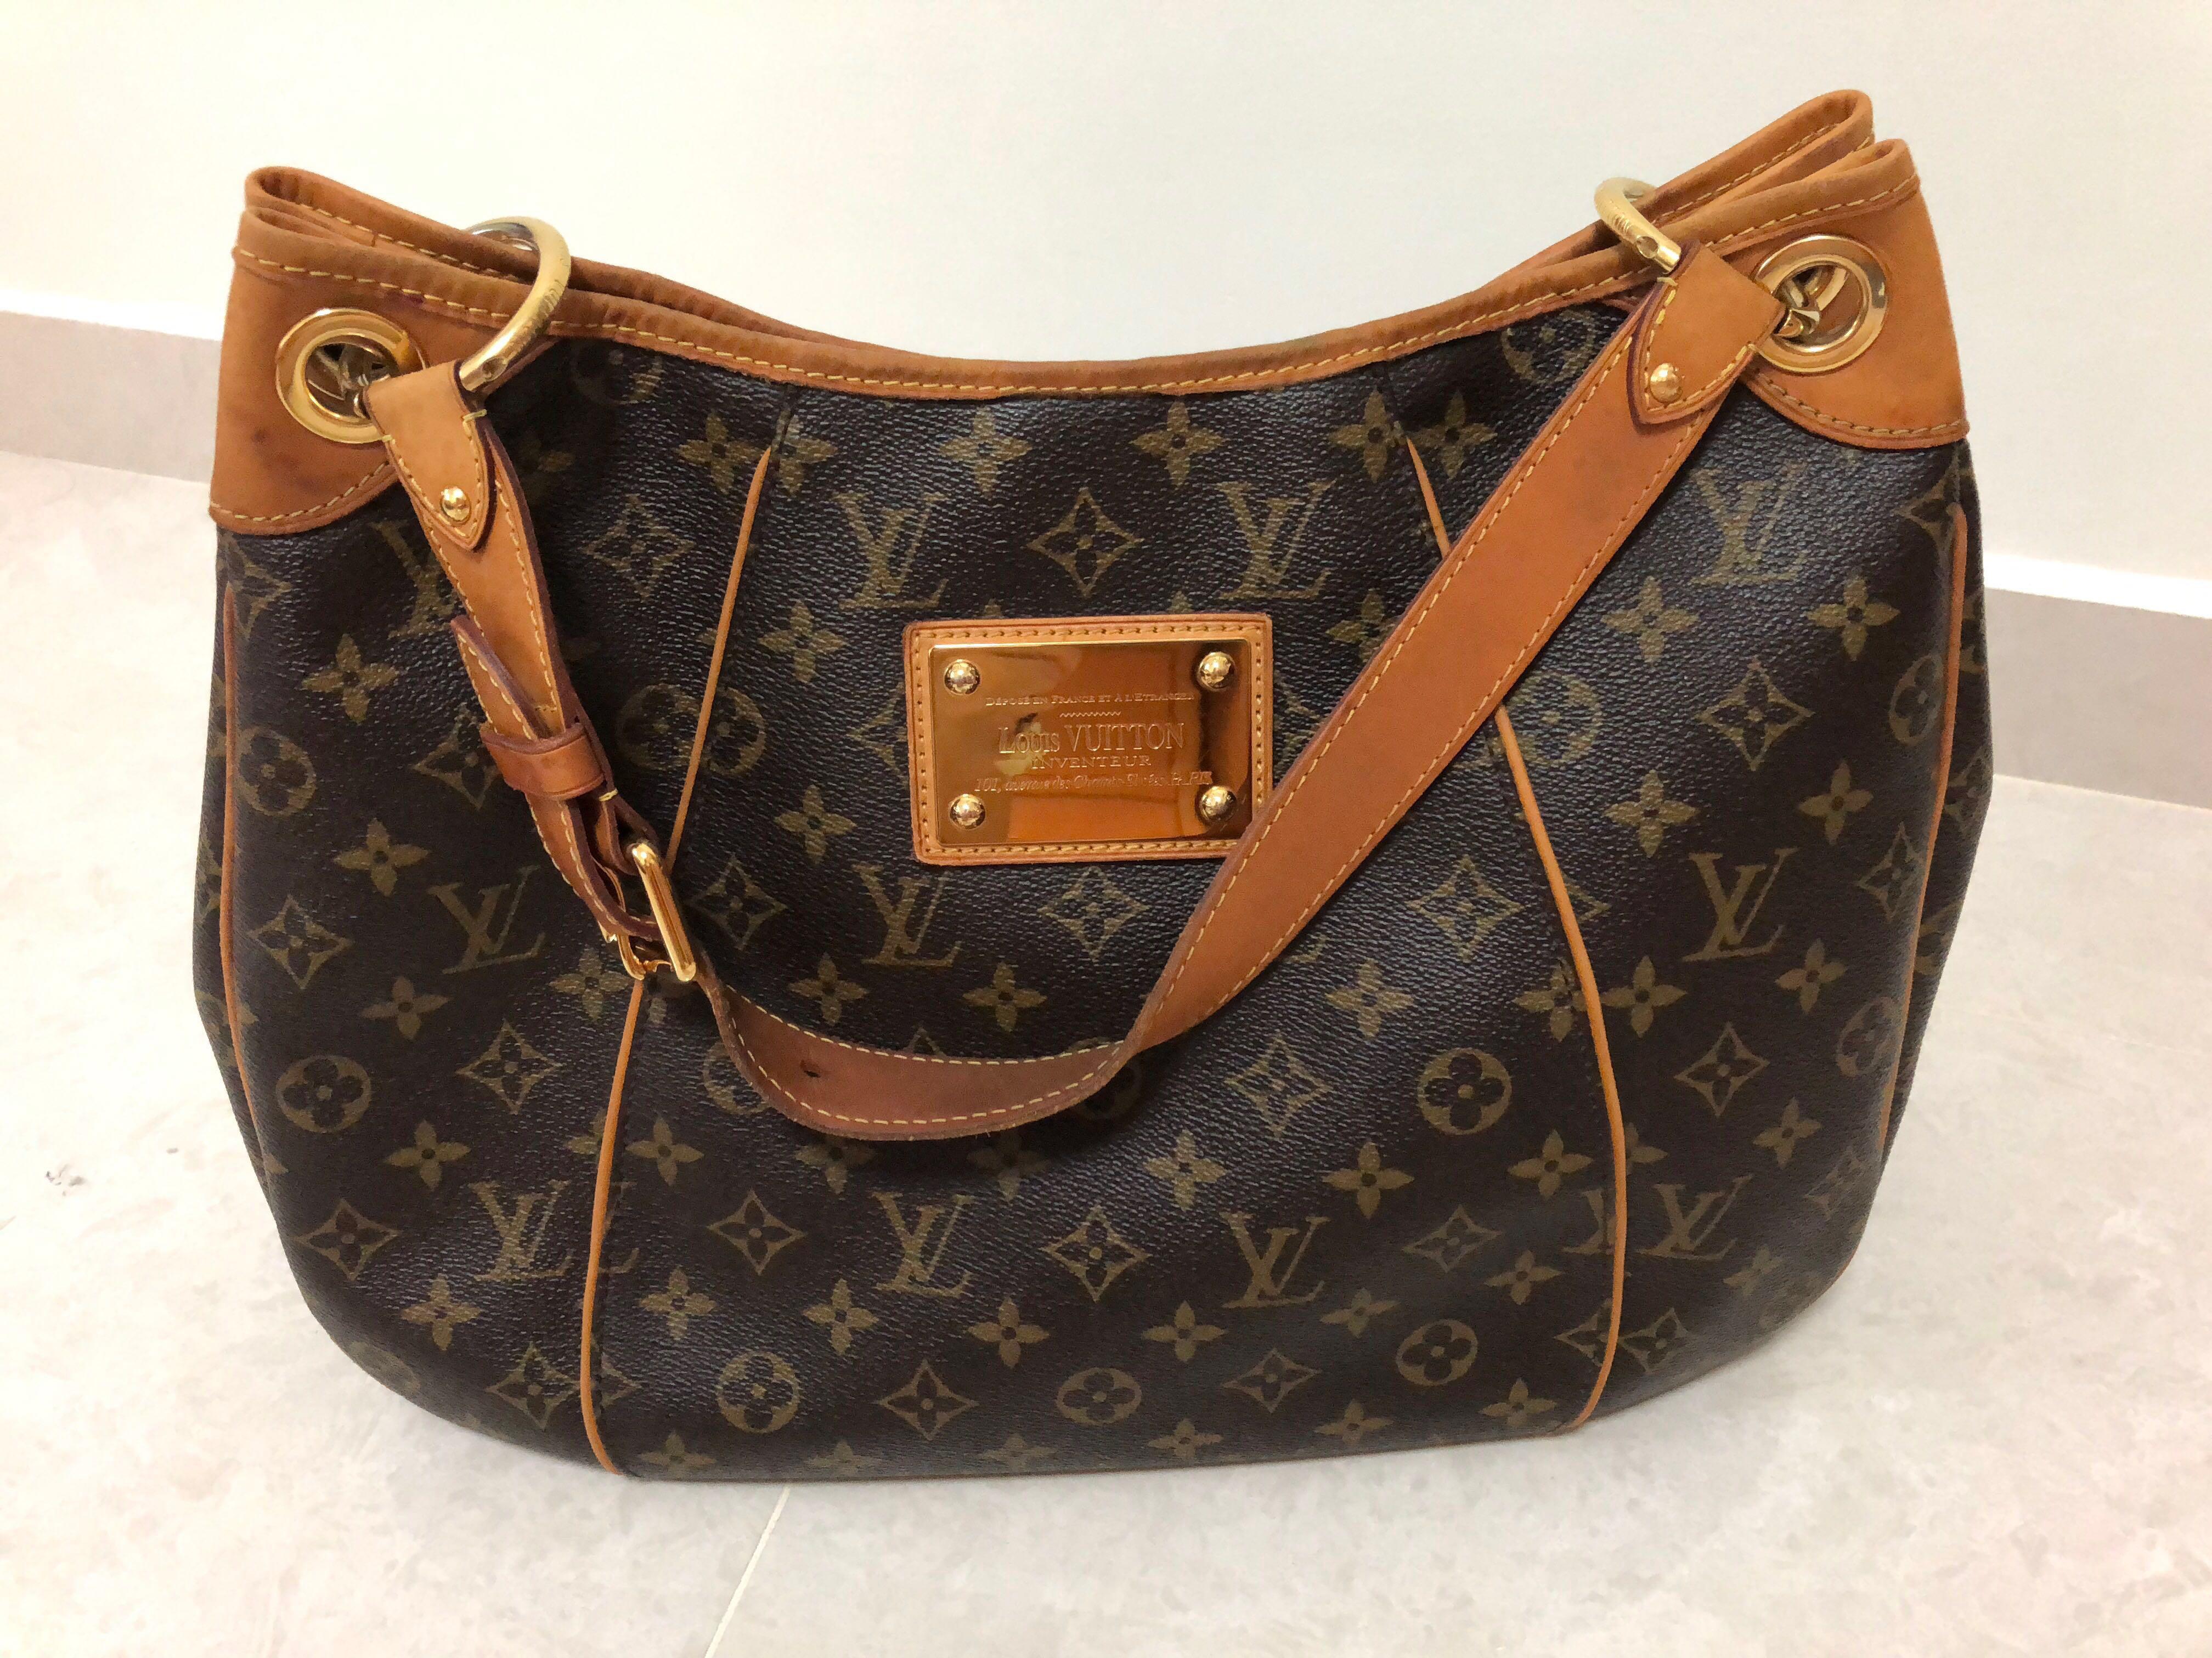 9a8360f3482d Authentic Louis Vuitton Monogram Galliera PM M56382 Shoulder Bag ...